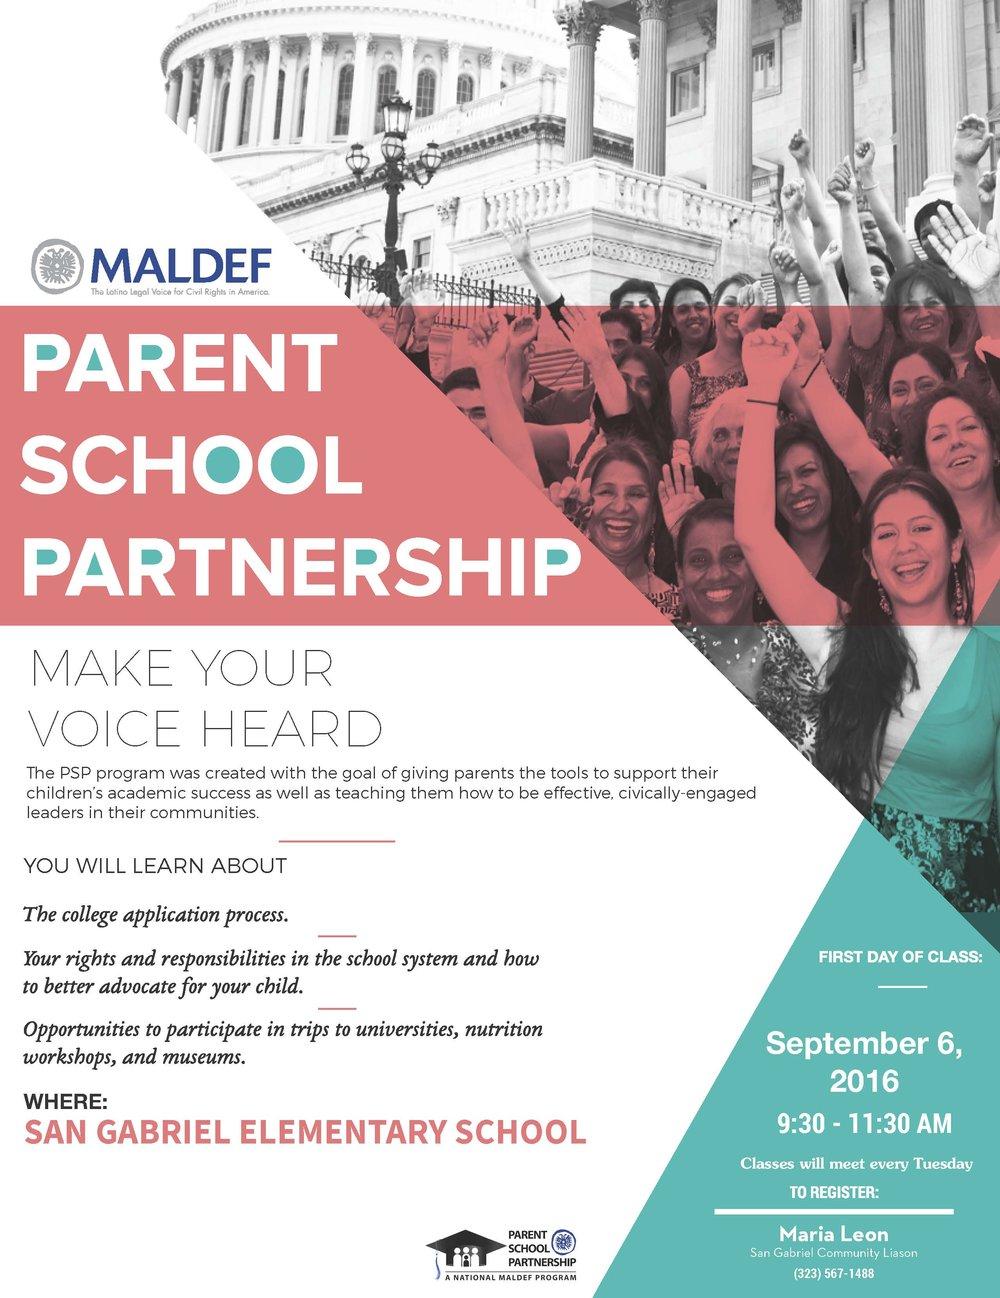 Parent School Partnership - PSP Program Classes Flyer   Redesigned flyer template for PSP Program's classes.  2016